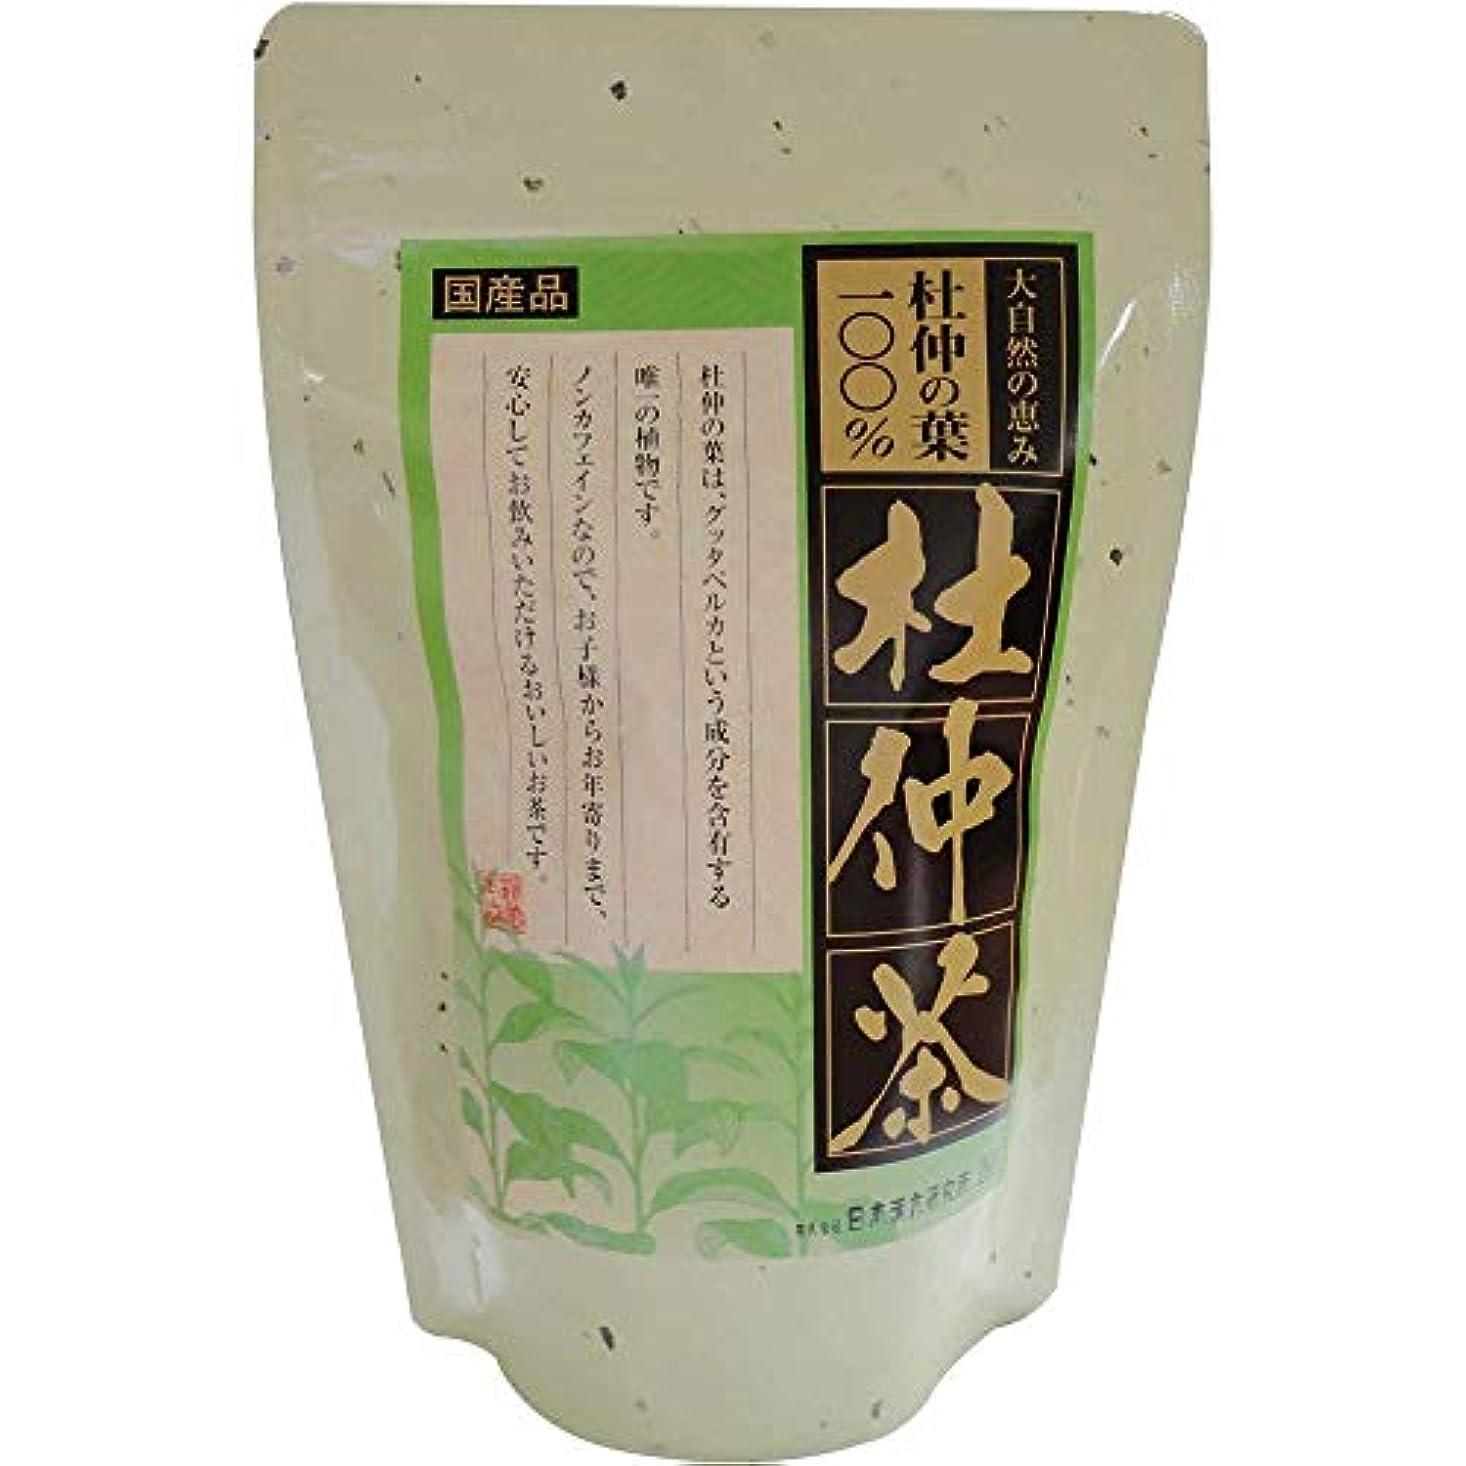 流用するビルメンター杜仲茶100%(国産品) 2g×30包入 2個セット